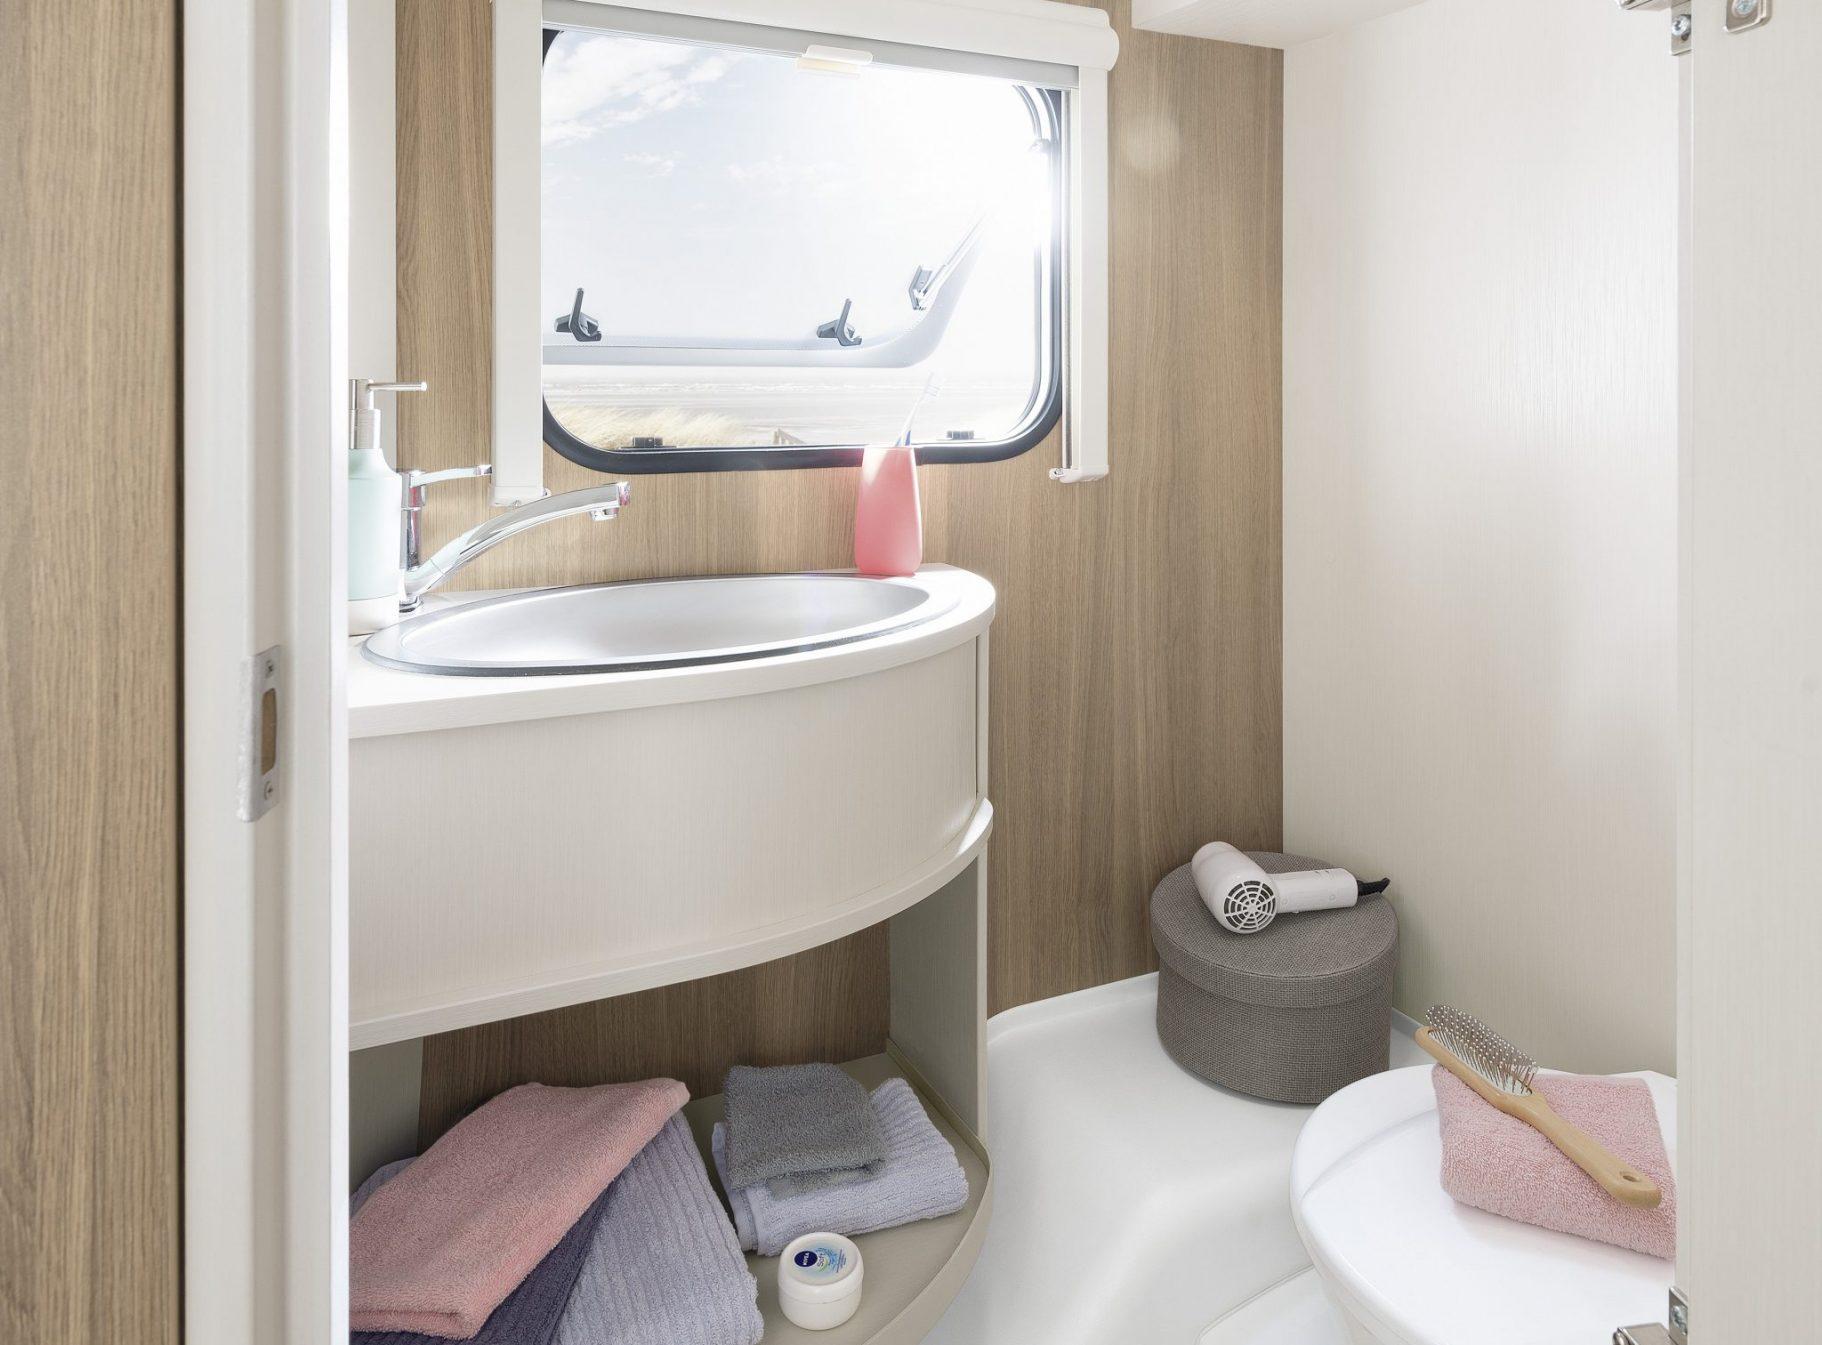 Higiena W Podróży Czyli Jak Wyglądają łazienki Na Kempingach